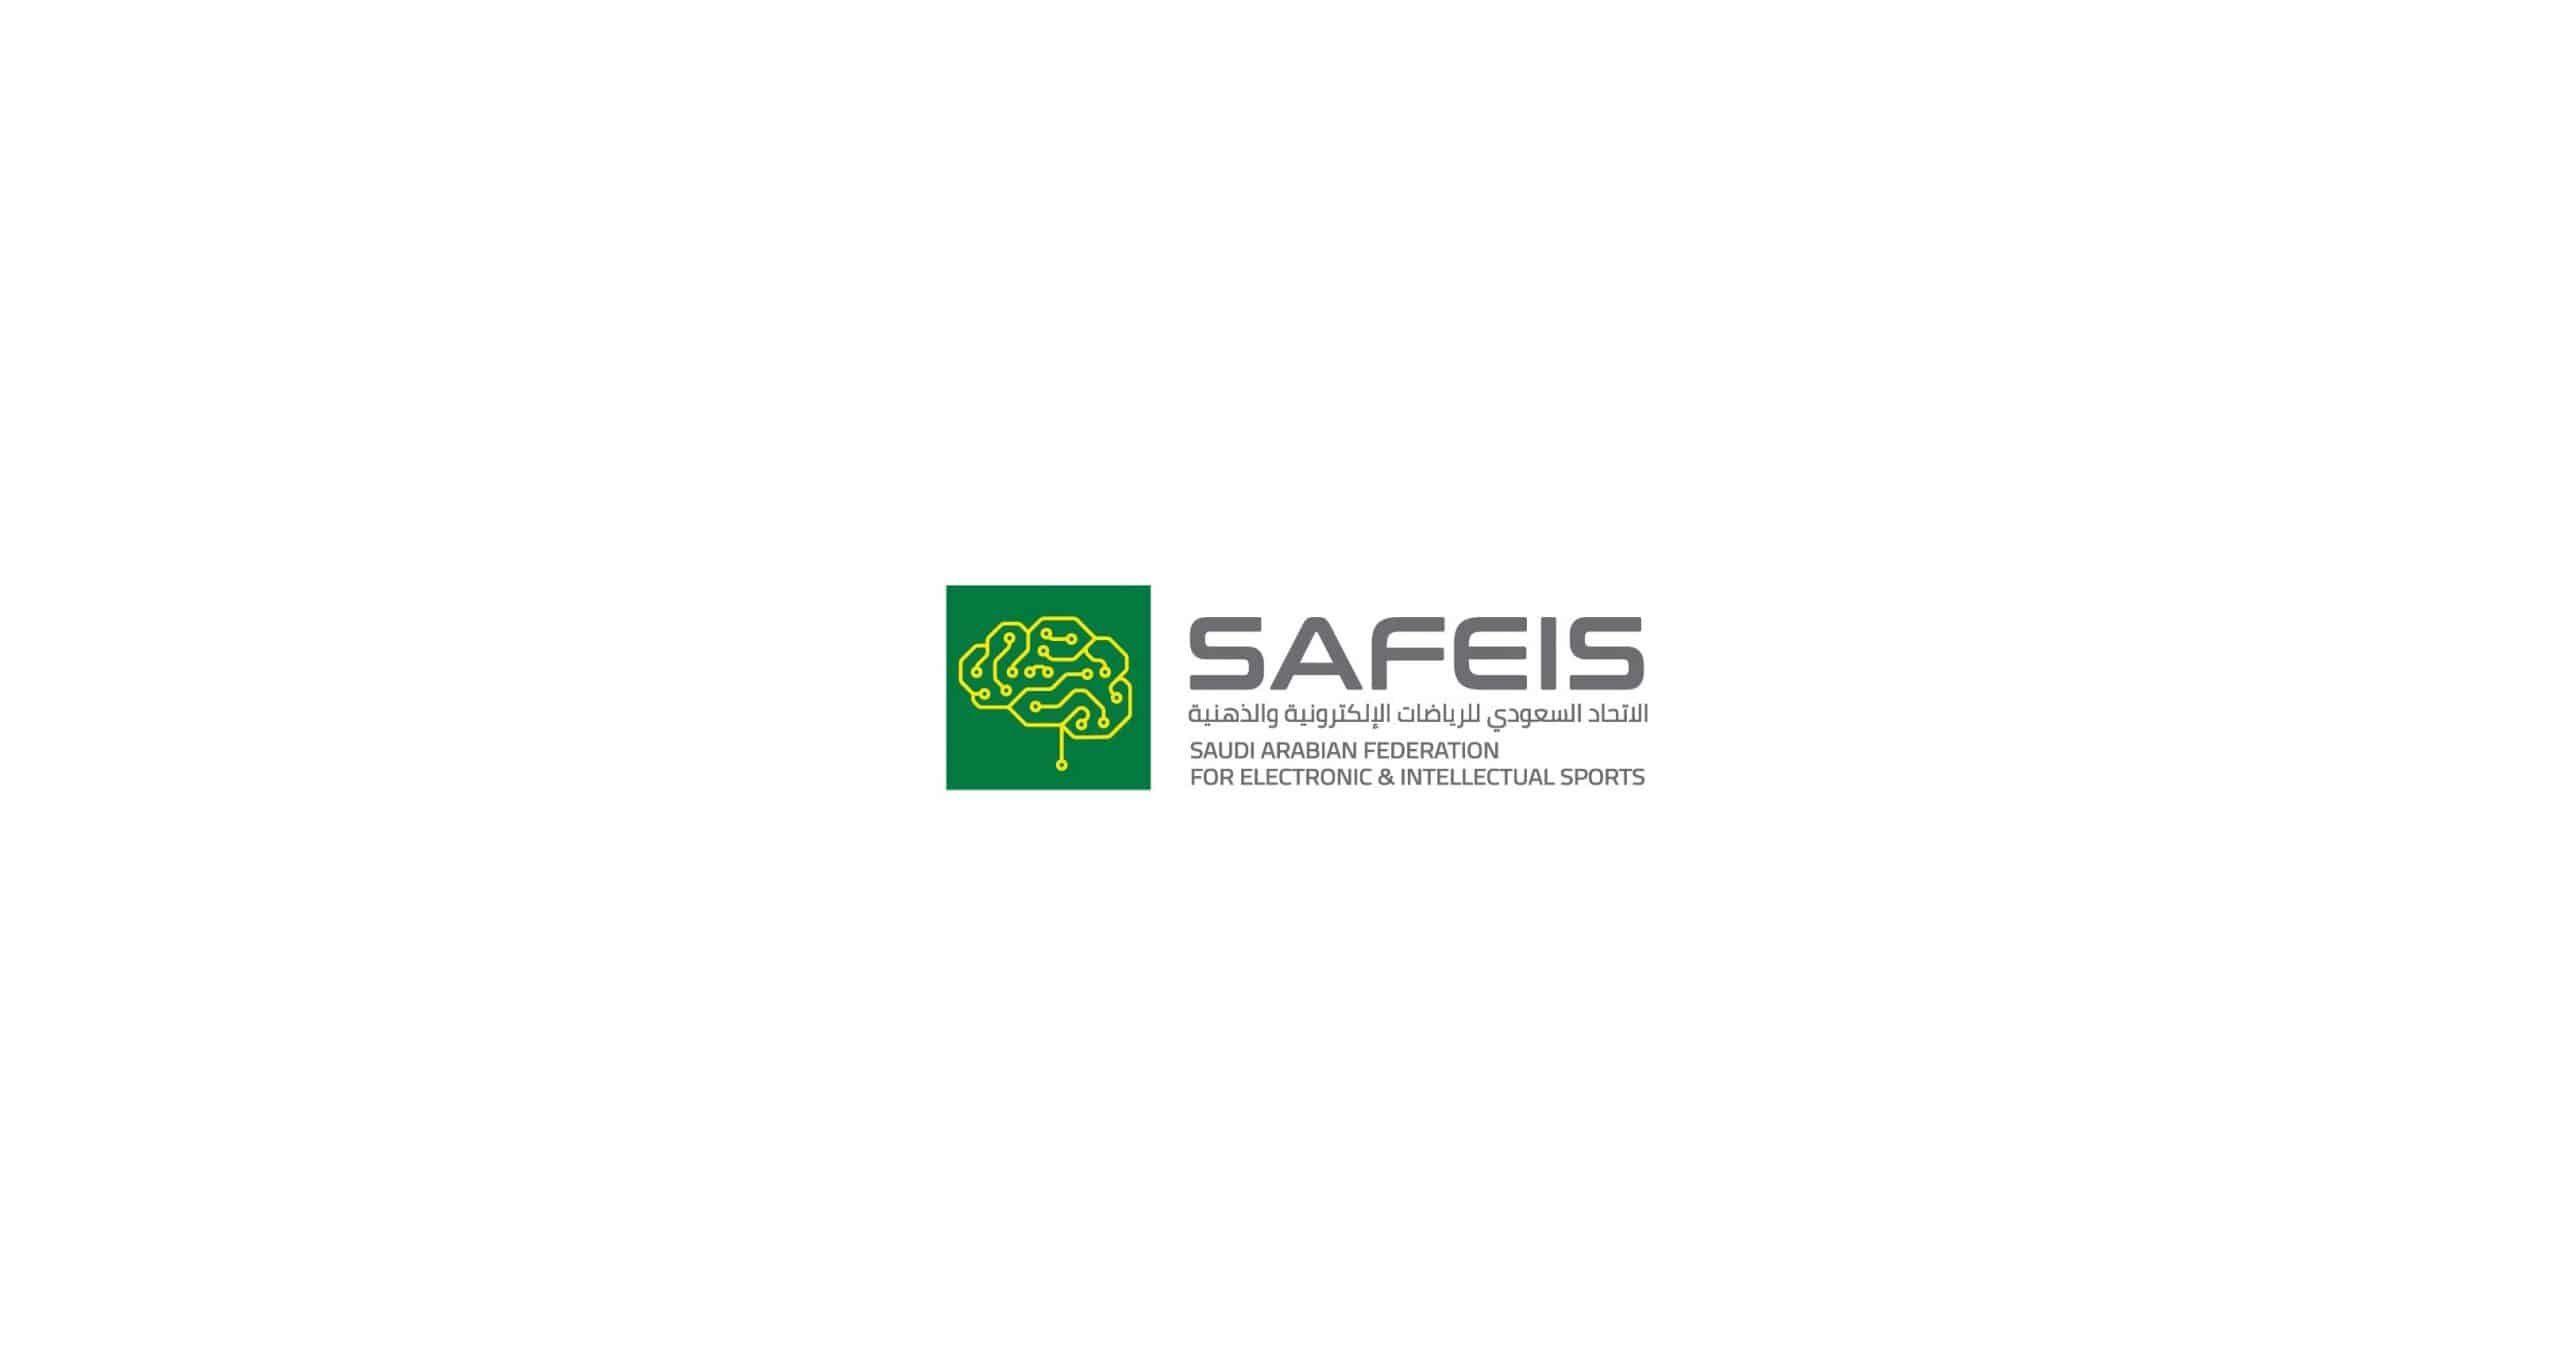 الإتحاد السعودي للرياضات الإلكترونية والذهنية توفر وظائف شاغرة لحملة البكالوريوس في مدينة الرياض Bathroom Scale Electronics Job